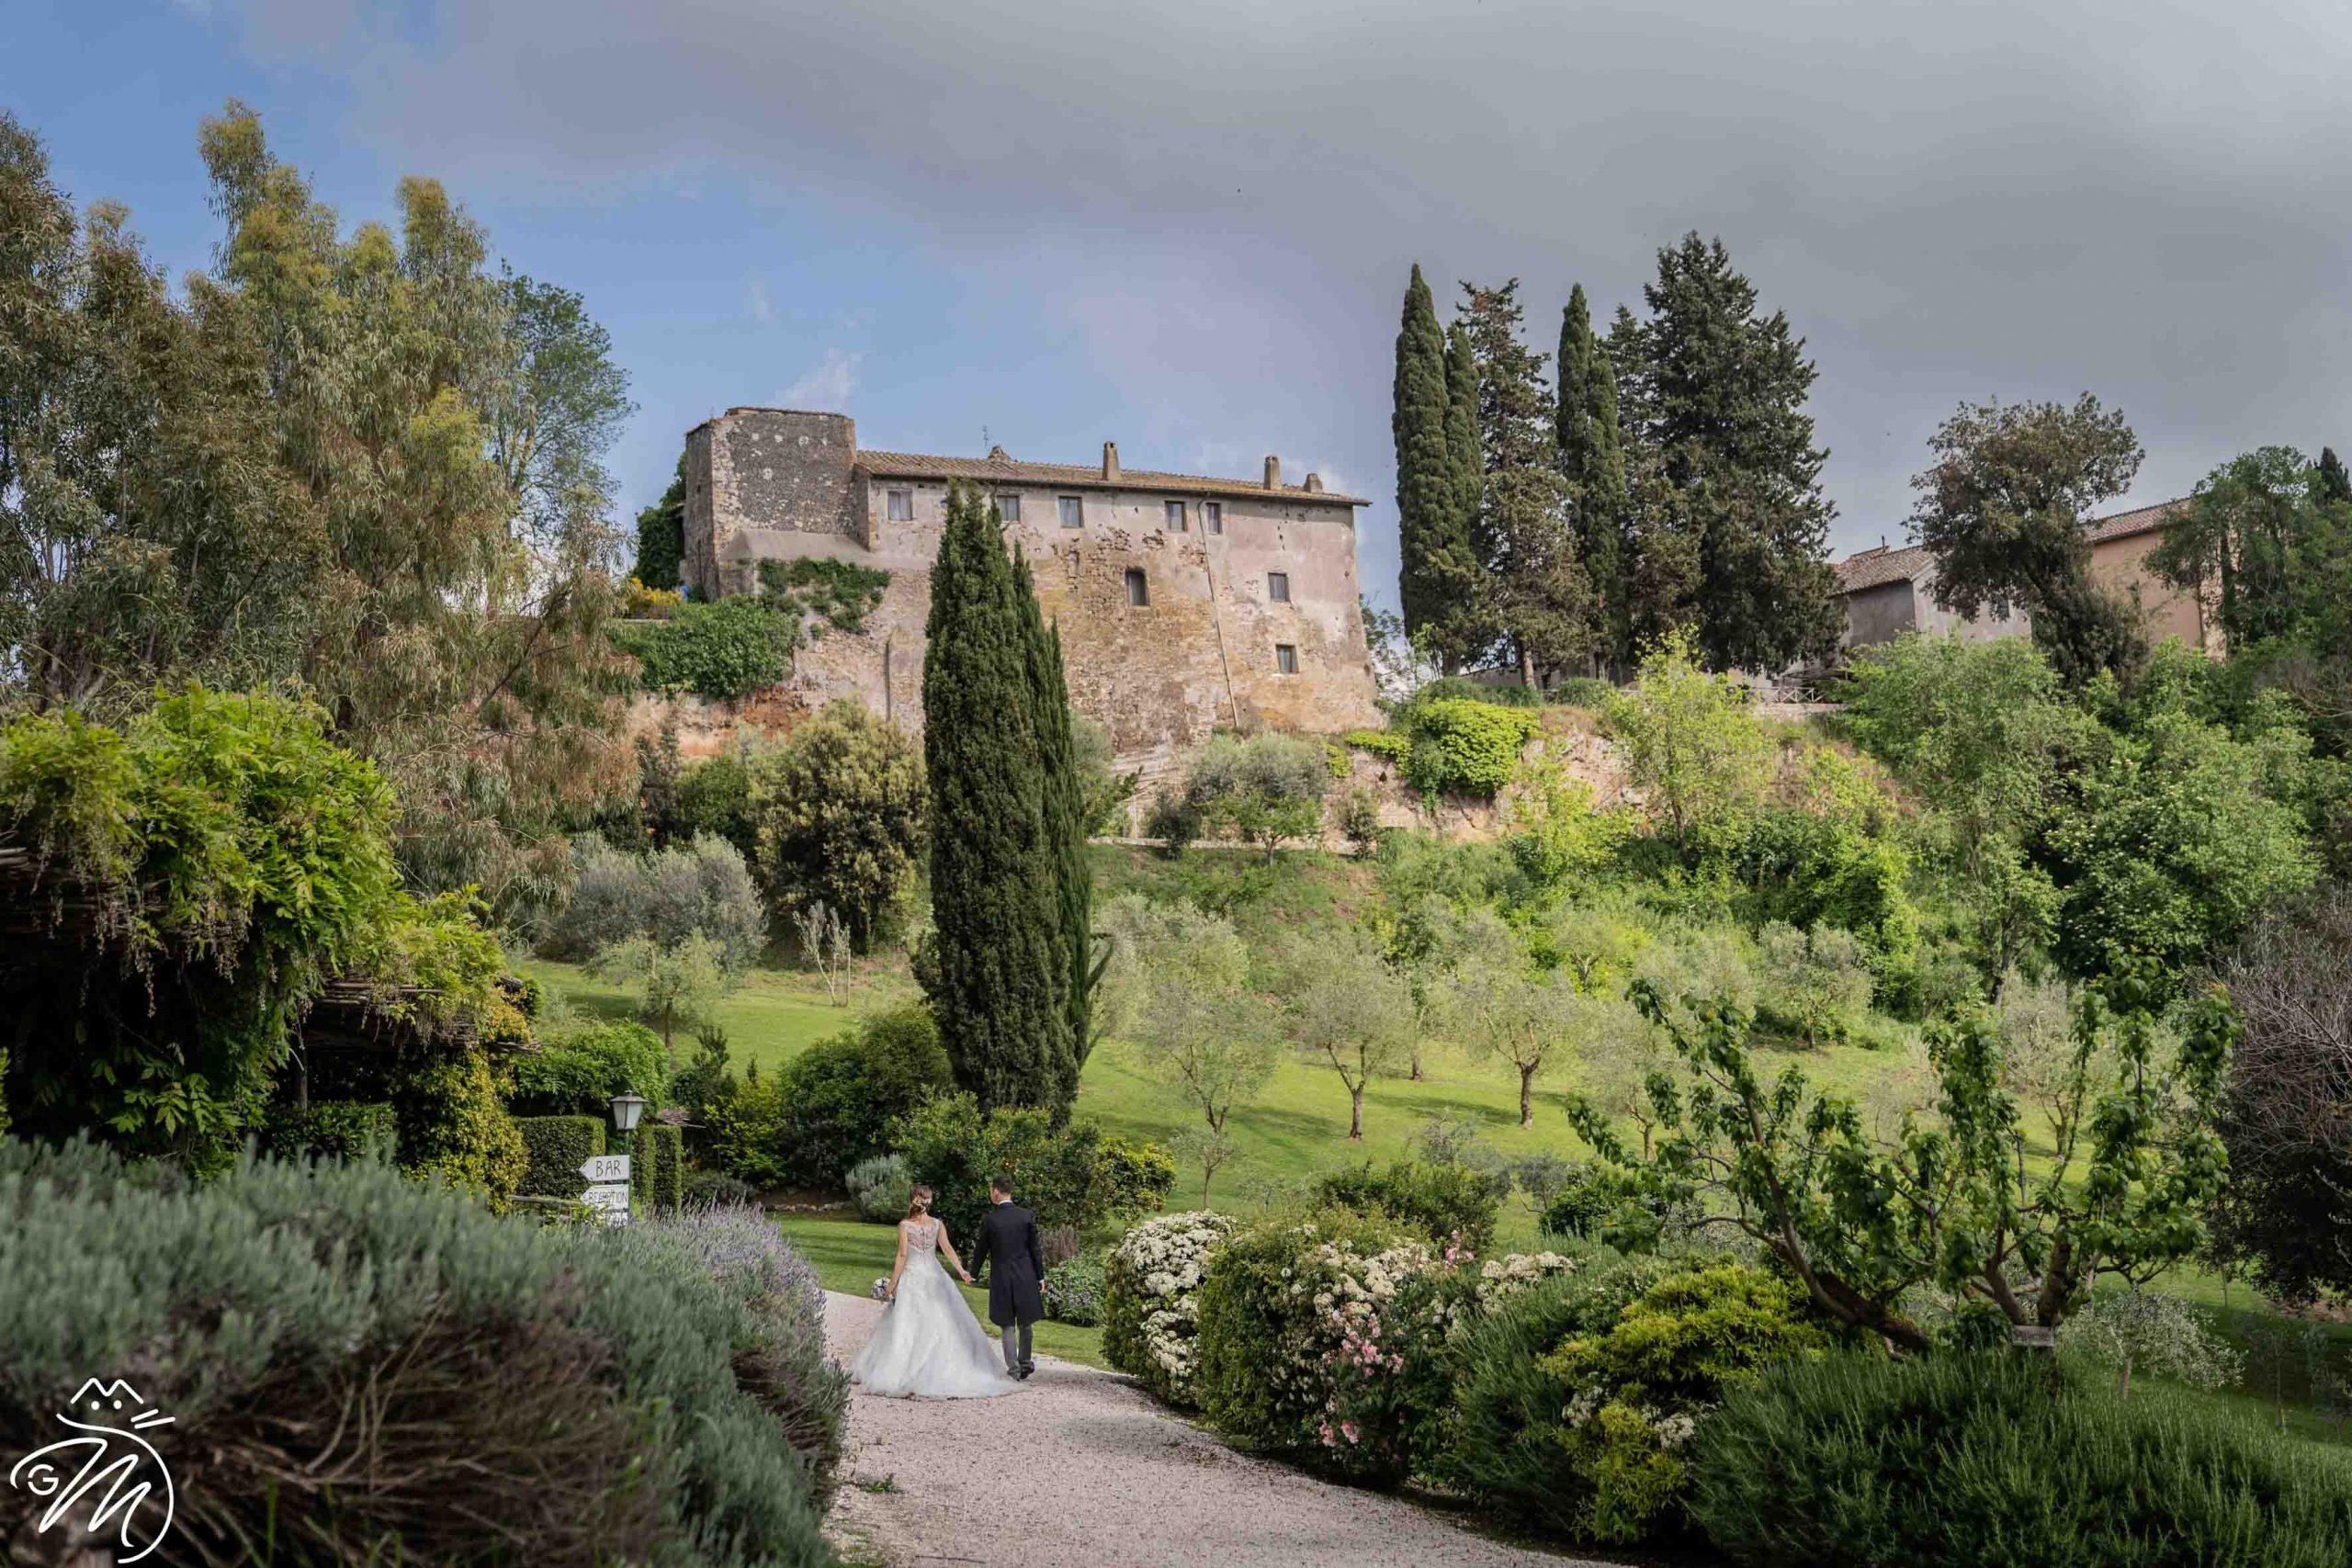 Location esclusiva per un matrimonio elegante: Borgo di Tragliata